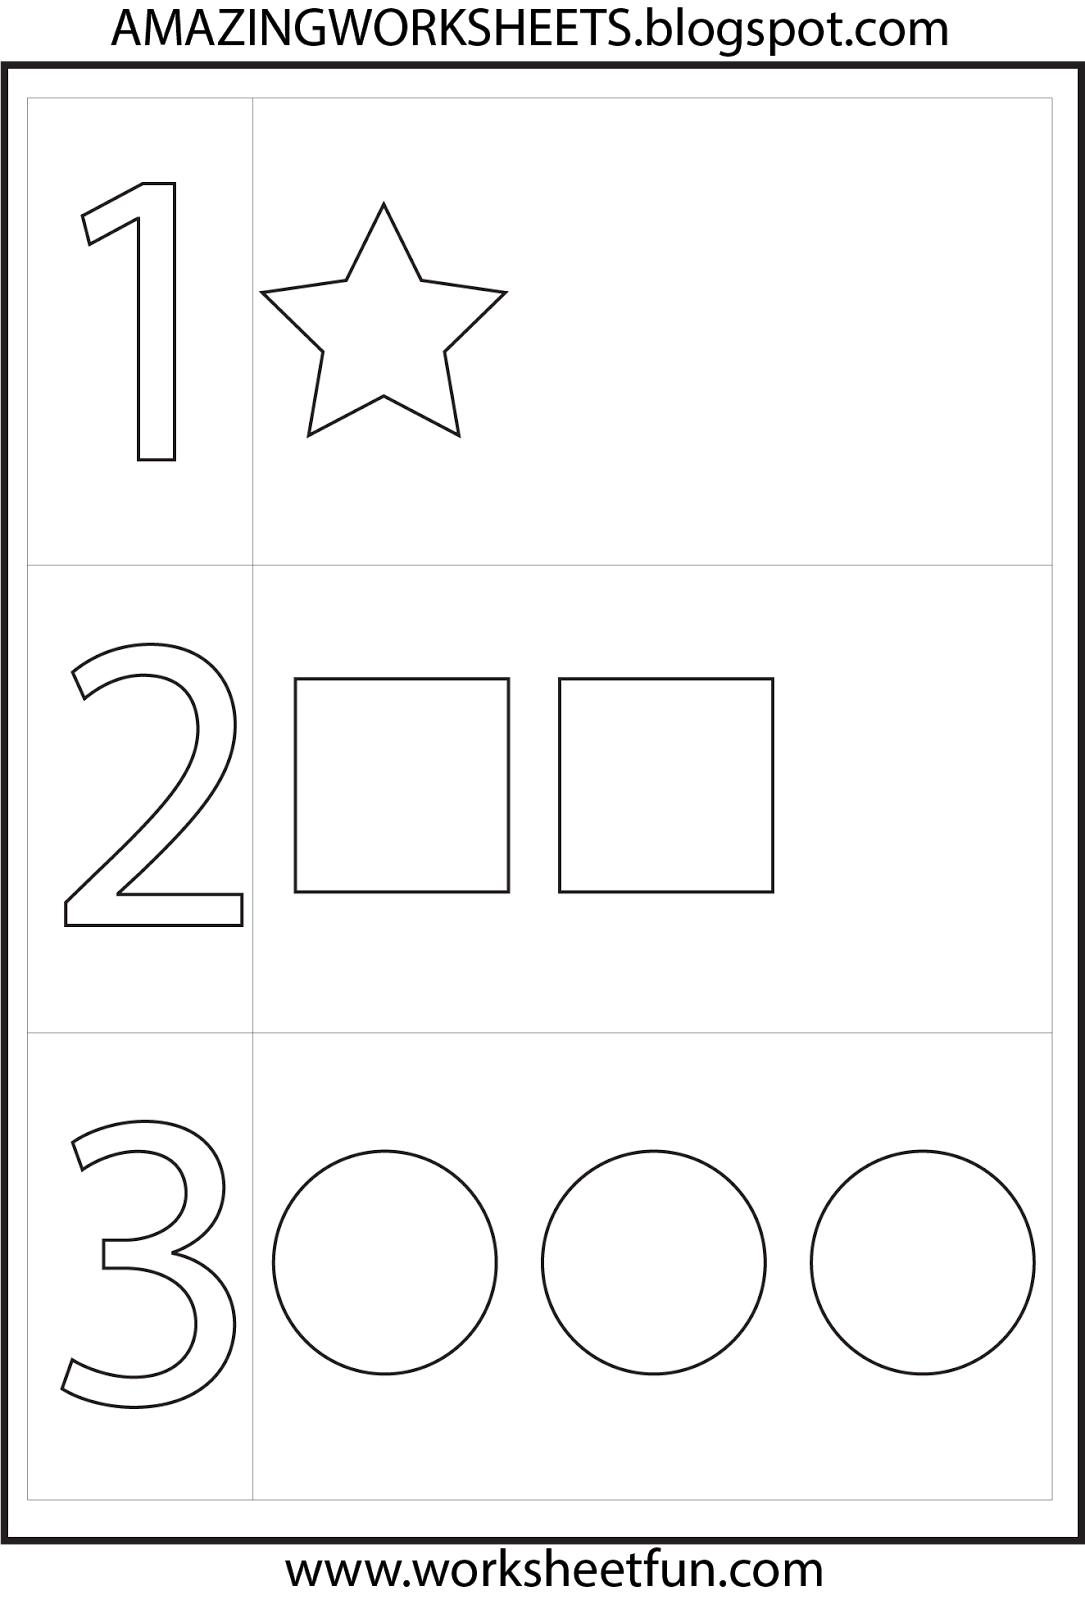 medium resolution of Worksheetfun - FREE PRINTABLE WORKSHEETS   Numbers preschool